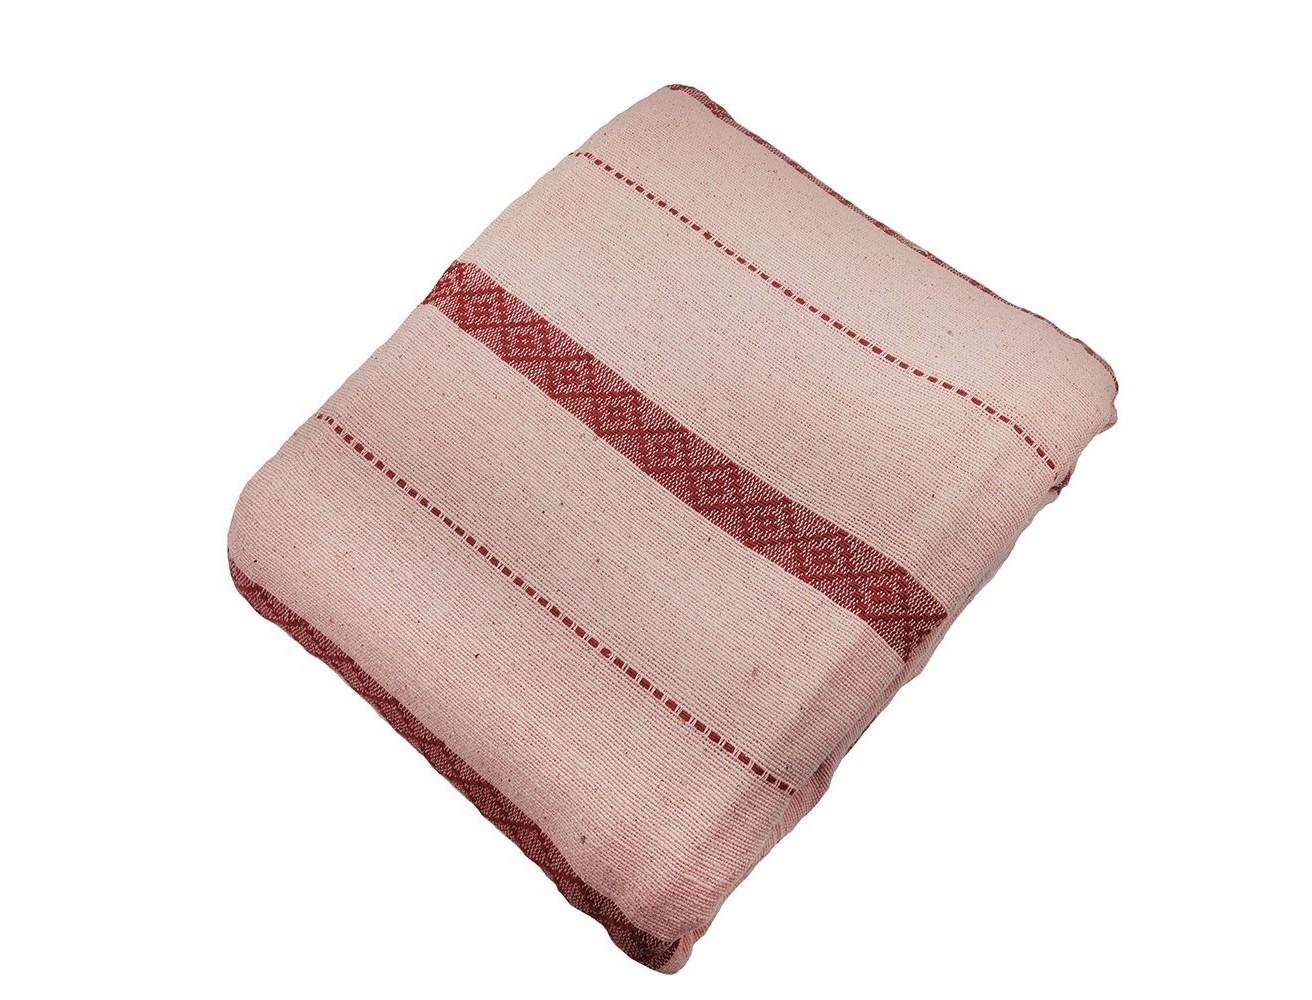 Покрывало ПасификПокрывала<br>Тканное хлопковое покрывало нежного розового цвета с контрастными темно-розовыми узорчатыми полосами.&amp;amp;nbsp;&amp;lt;div&amp;gt;Обработка края - подгиб.&amp;lt;/div&amp;gt;<br><br>Material: Хлопок<br>Ширина см: 200<br>Глубина см: 240